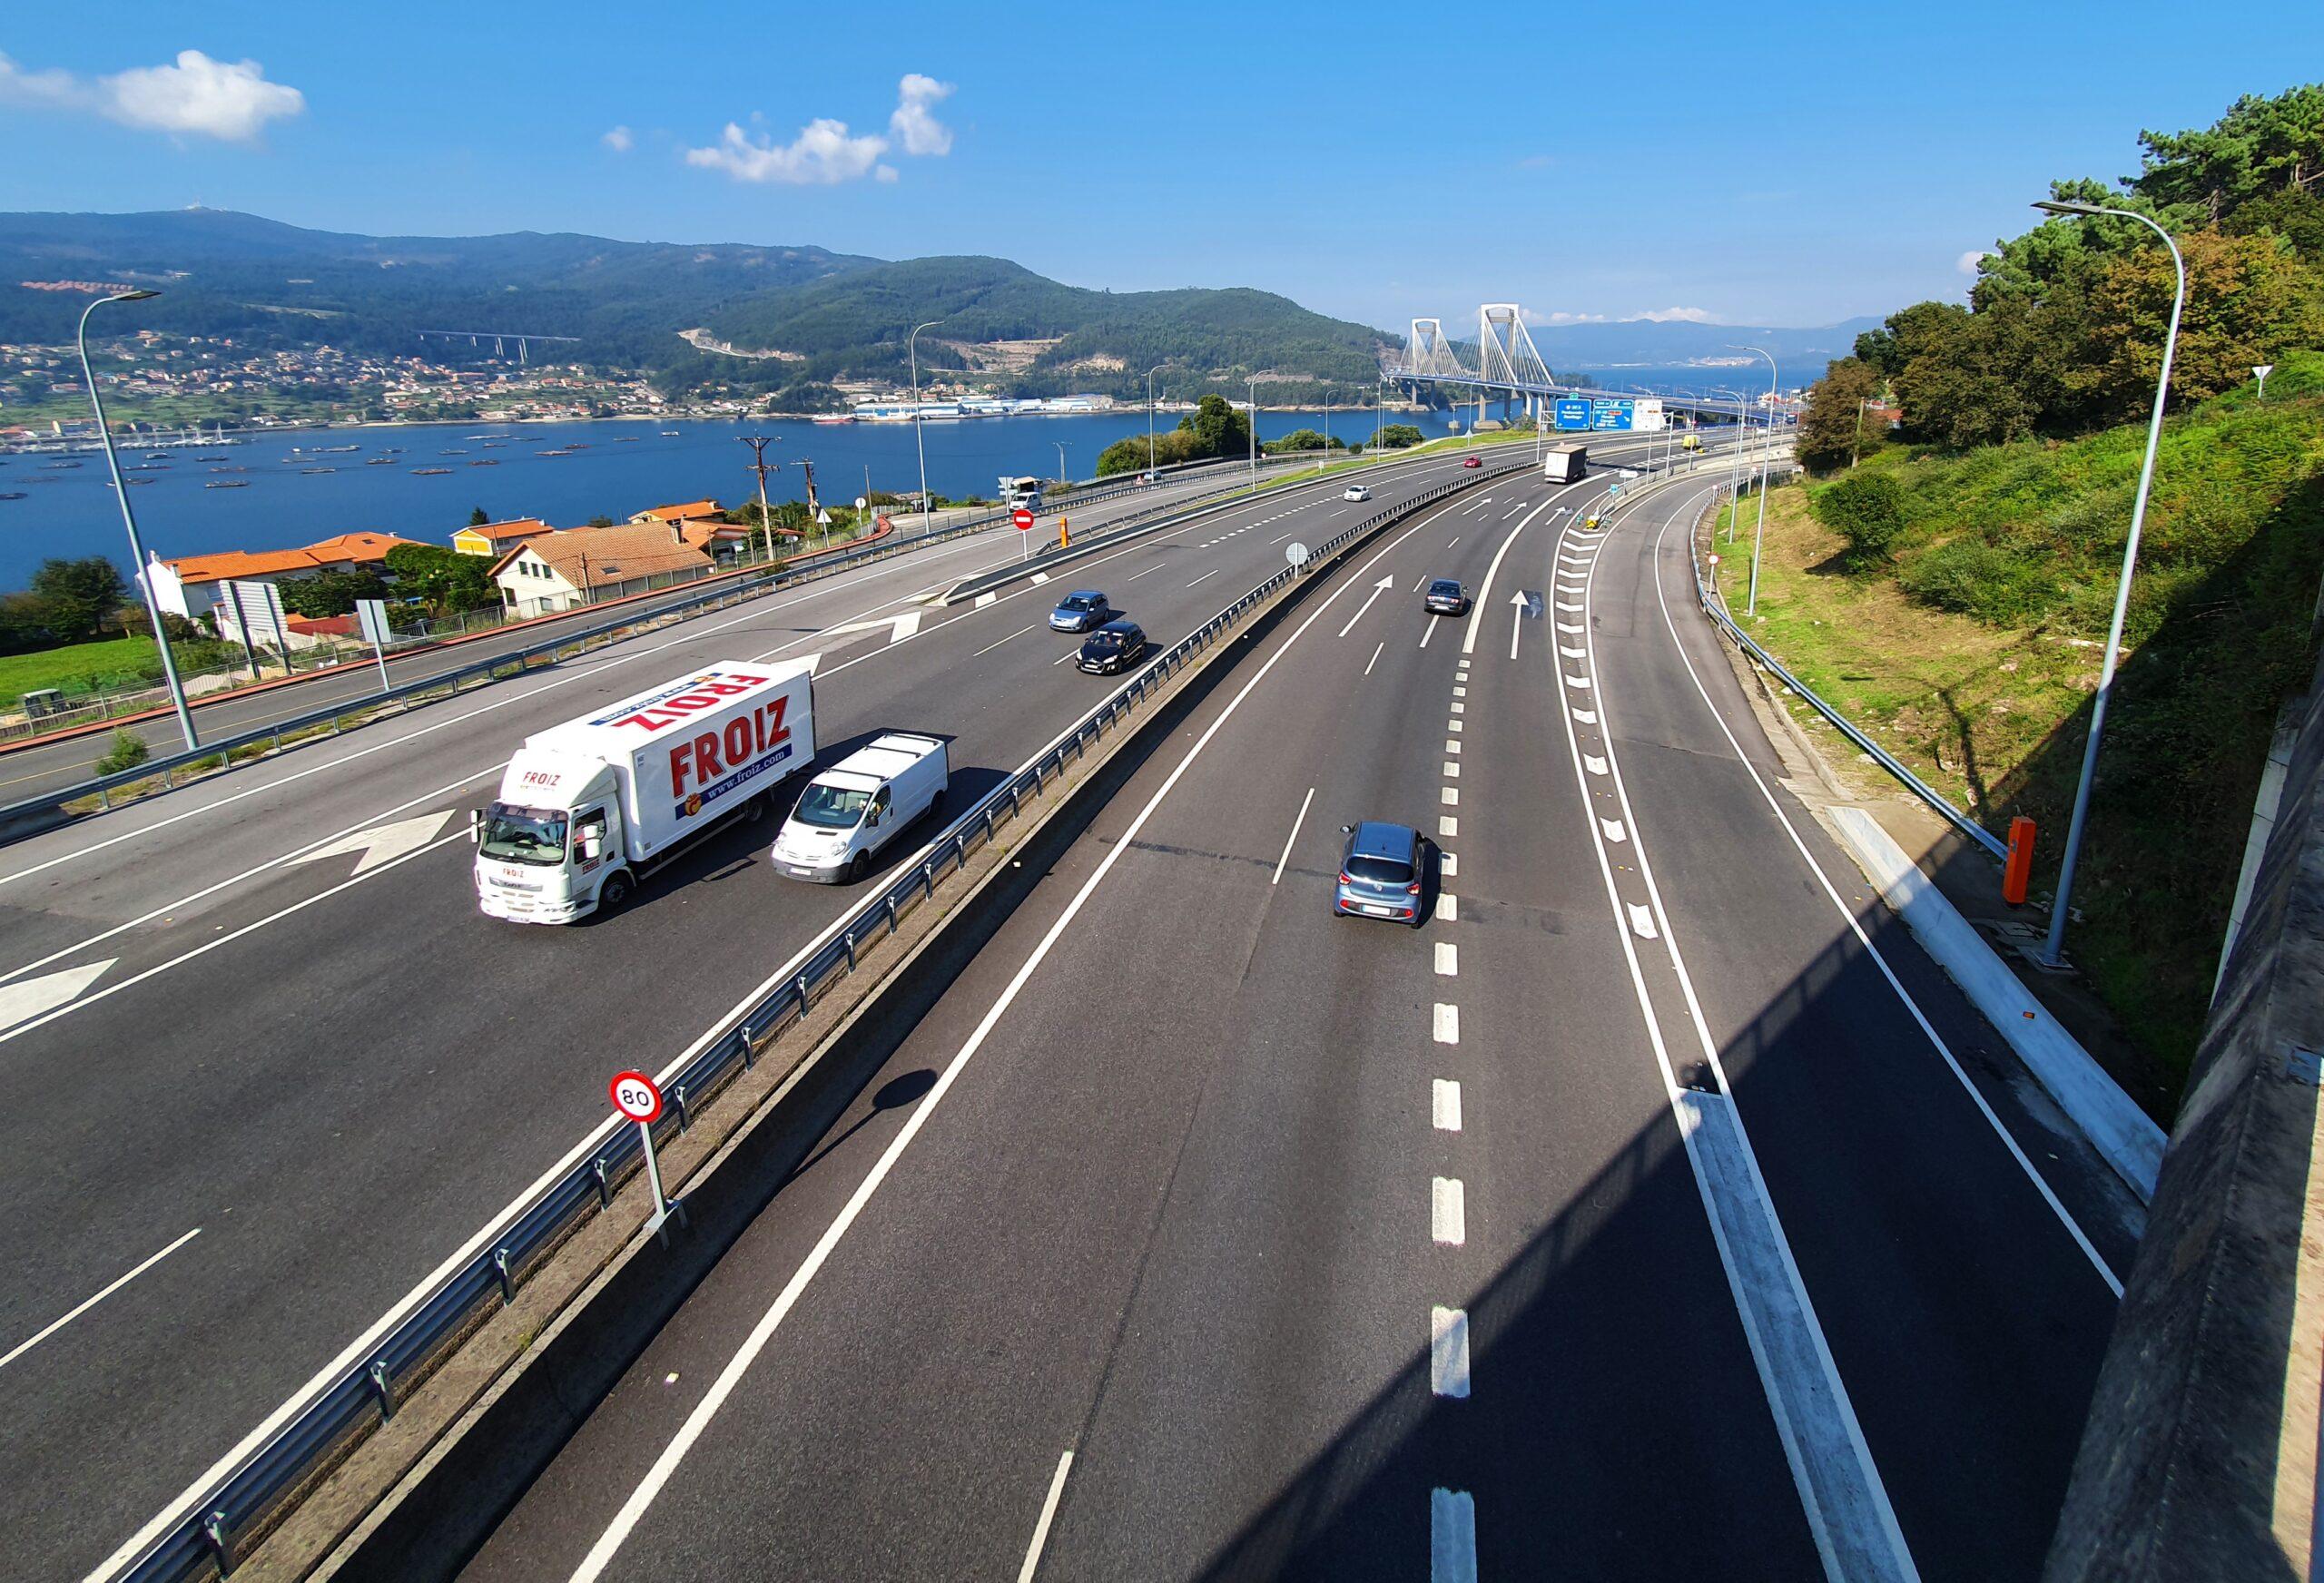 Puente de Rande, en Vigo,al fonde del tramo dela Autopista AP-9 entre Vigo y Redondela